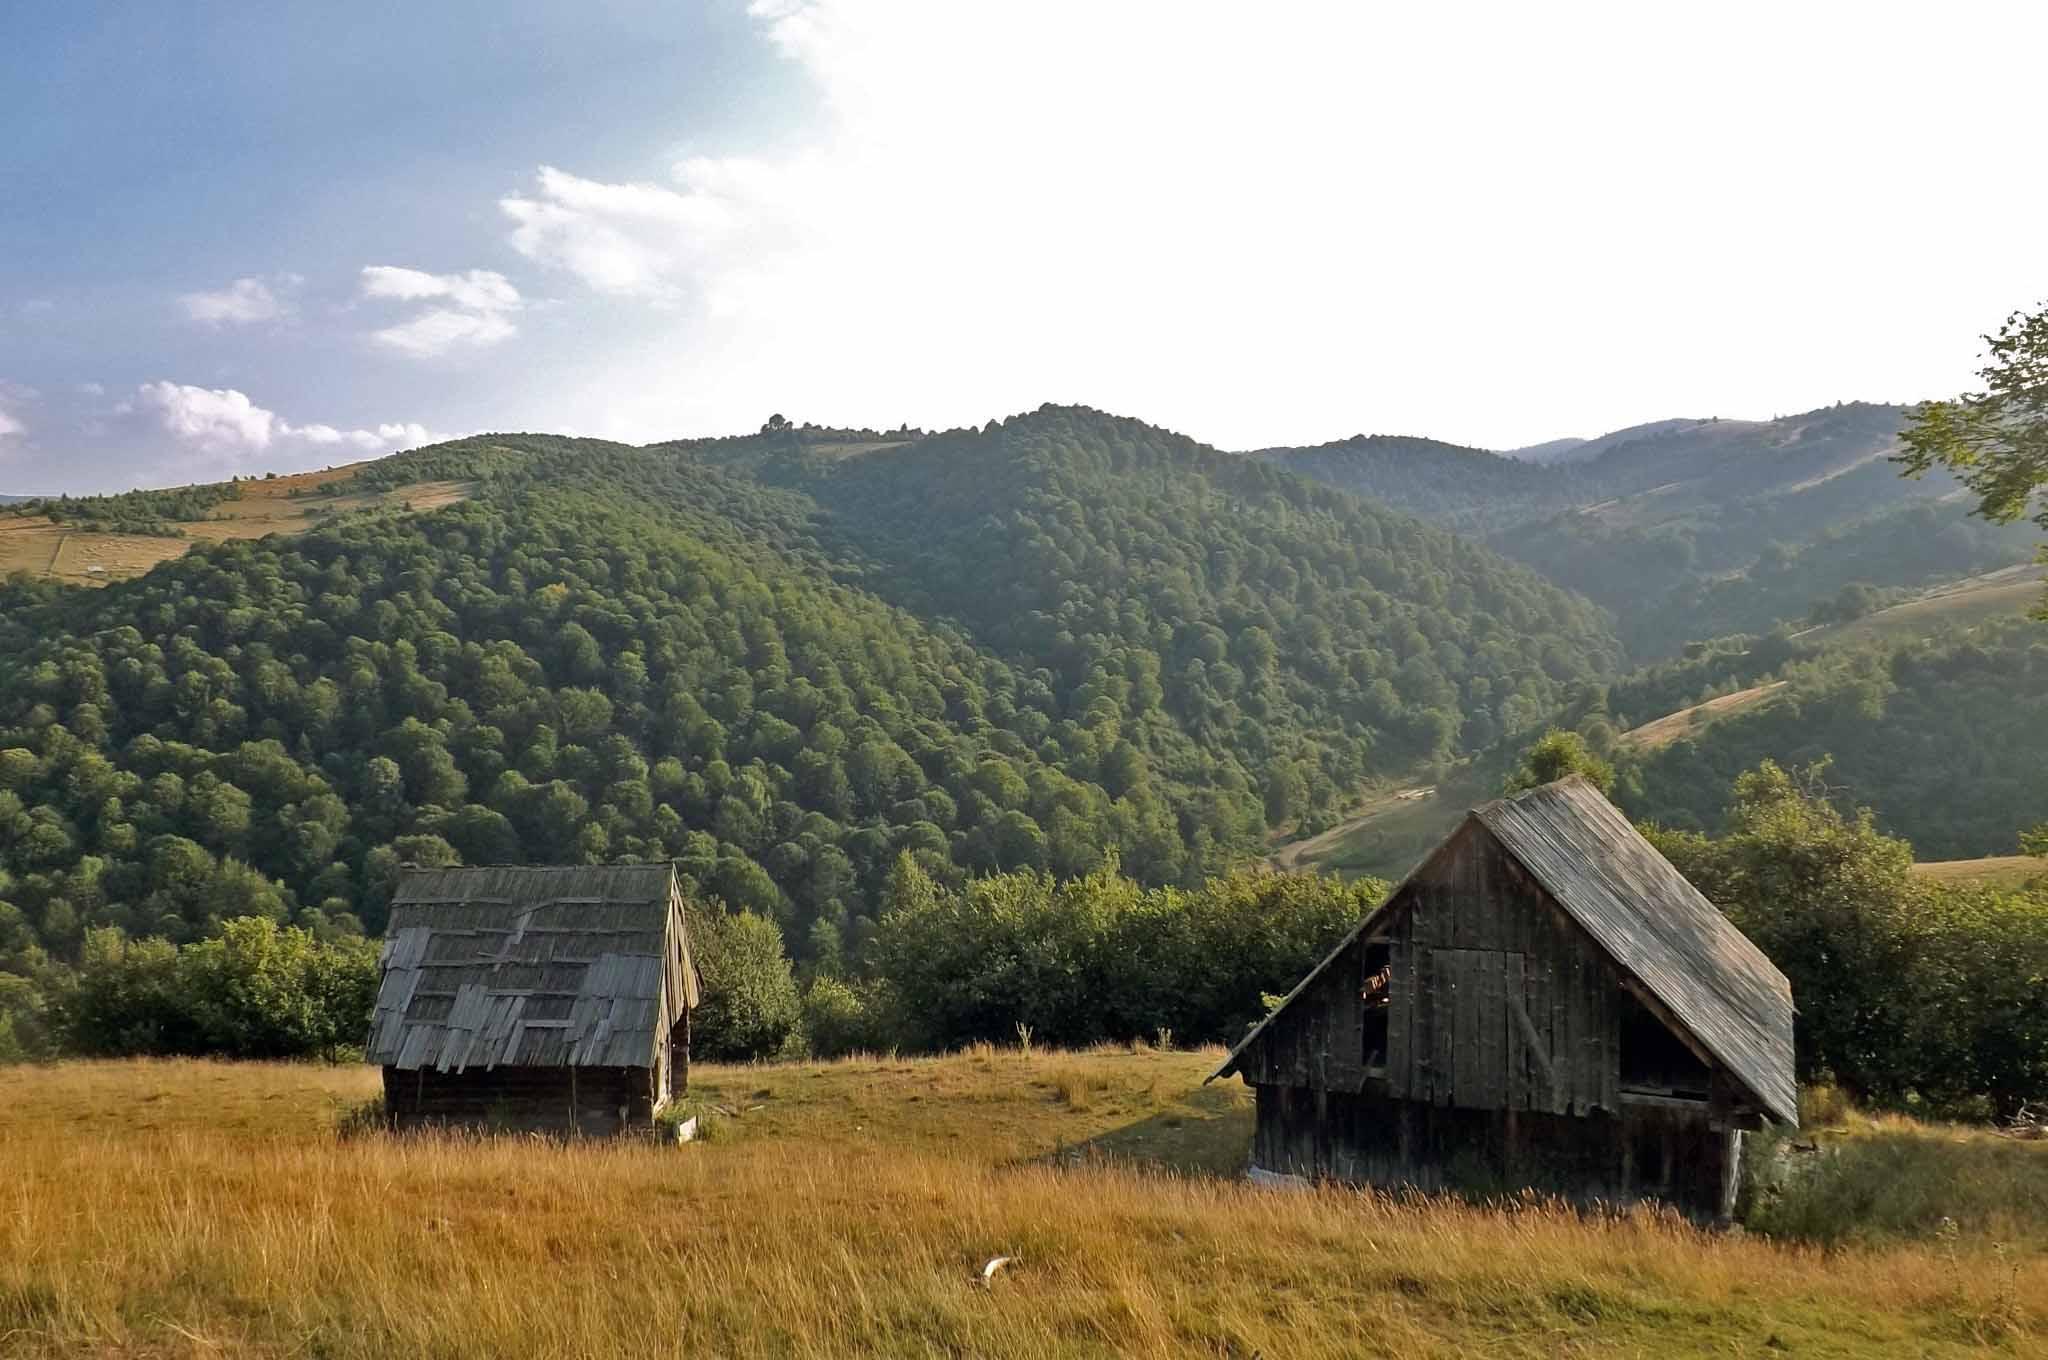 abgelegene waldhütte mieten | blockhaus rumänien für berghüttenurlaub in den karpaten